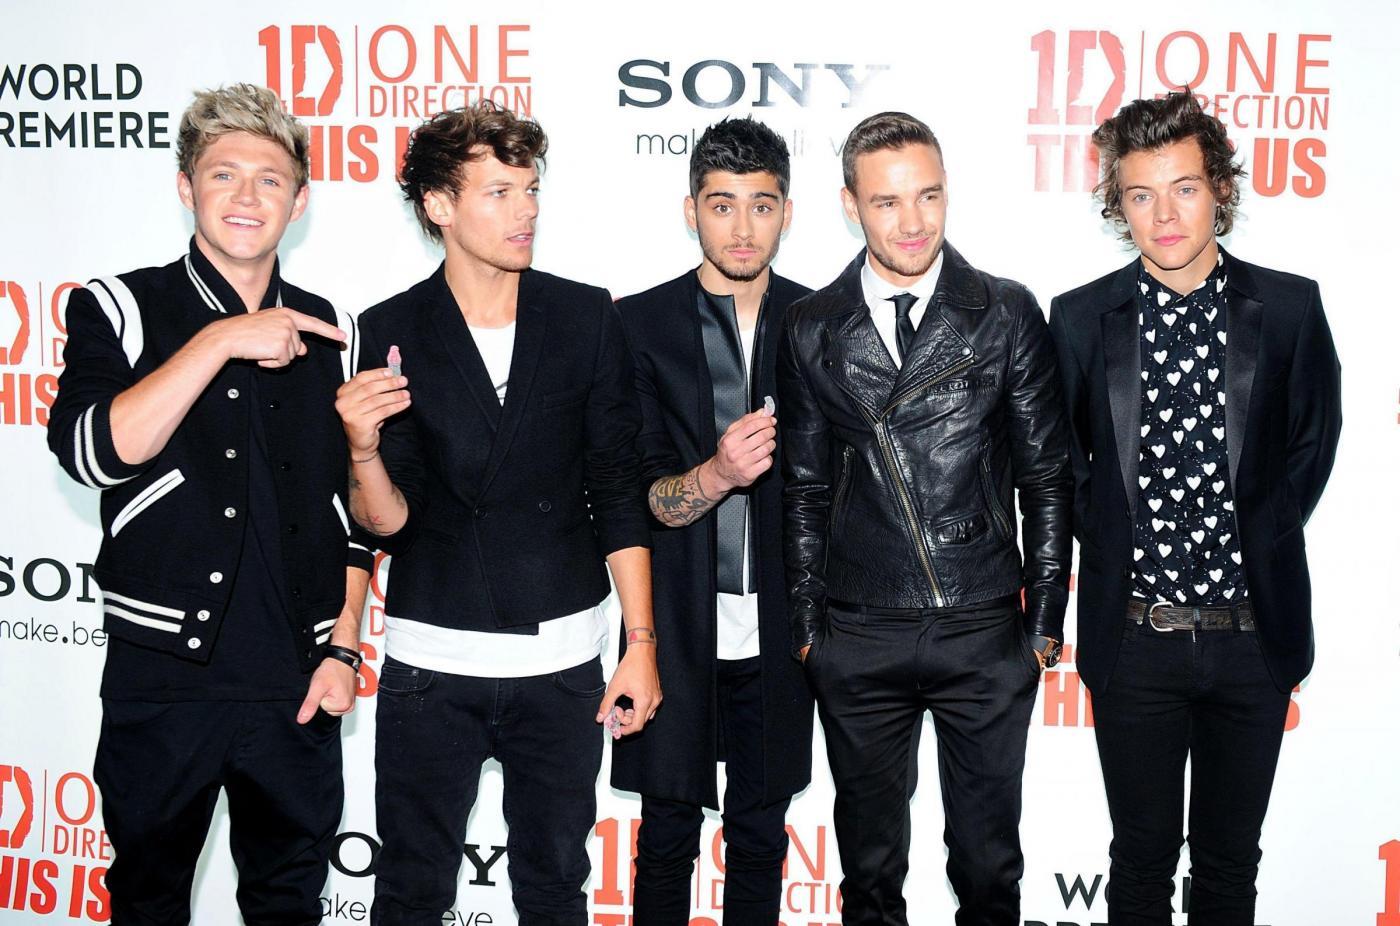 One Direction, quanto vale il loro patrimonio individuale